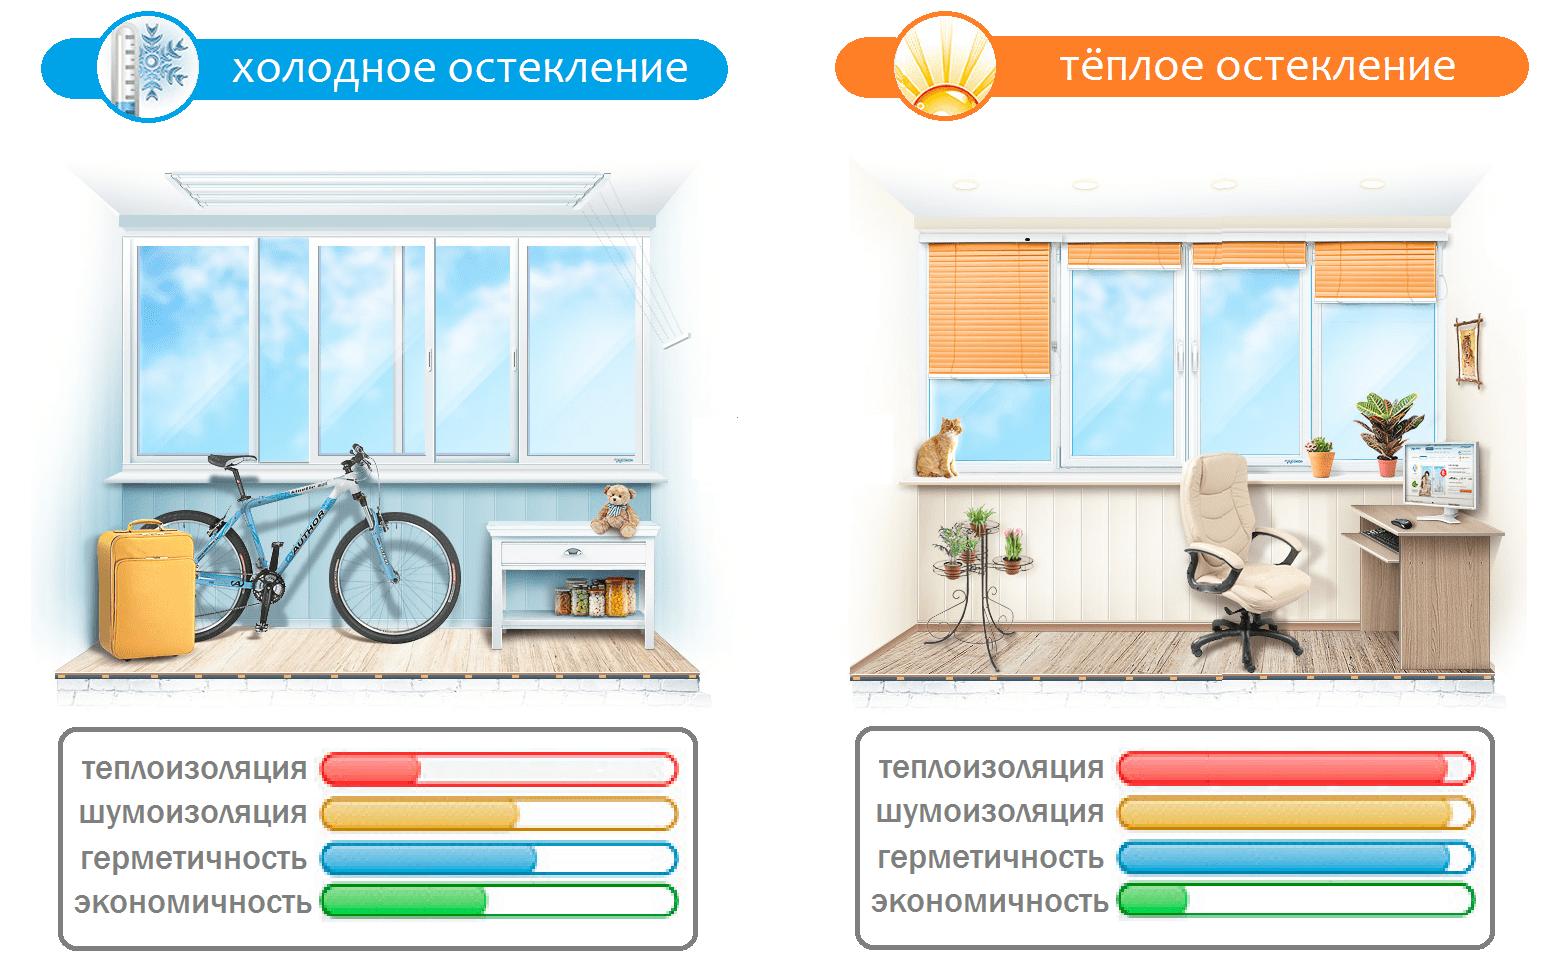 Остекление балконов в Санкт-Петербурге: холодное или теплое